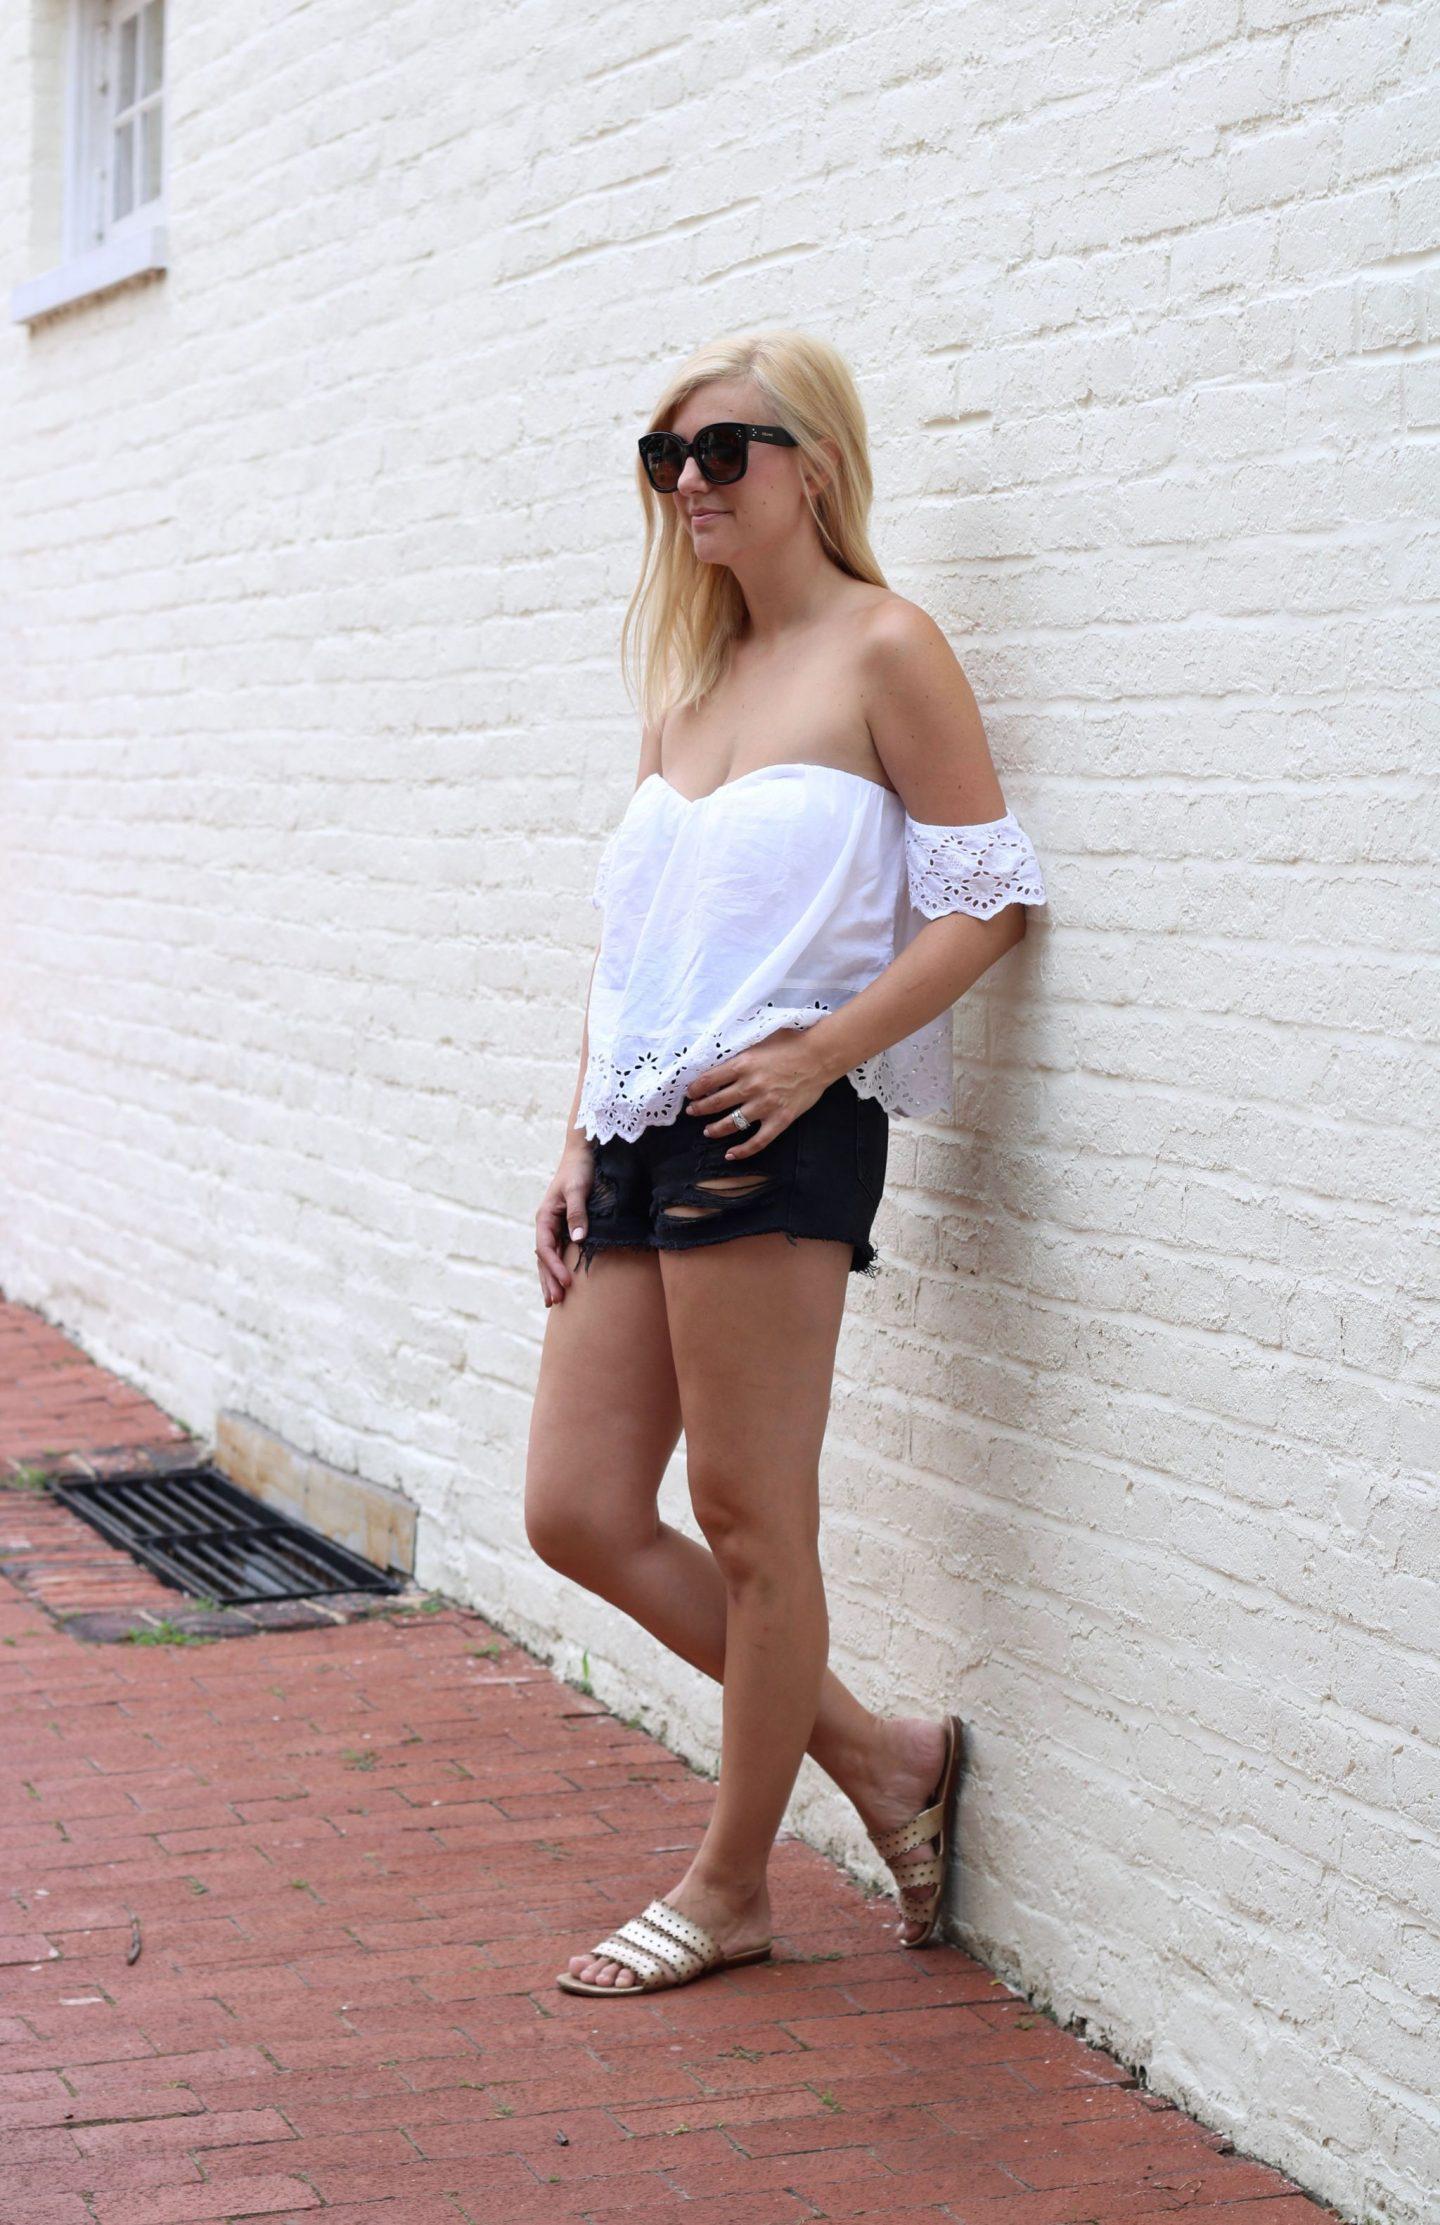 kate spade slide sandals, nordstrom bp, topshop distressed shorts, celine audrey sunglasses